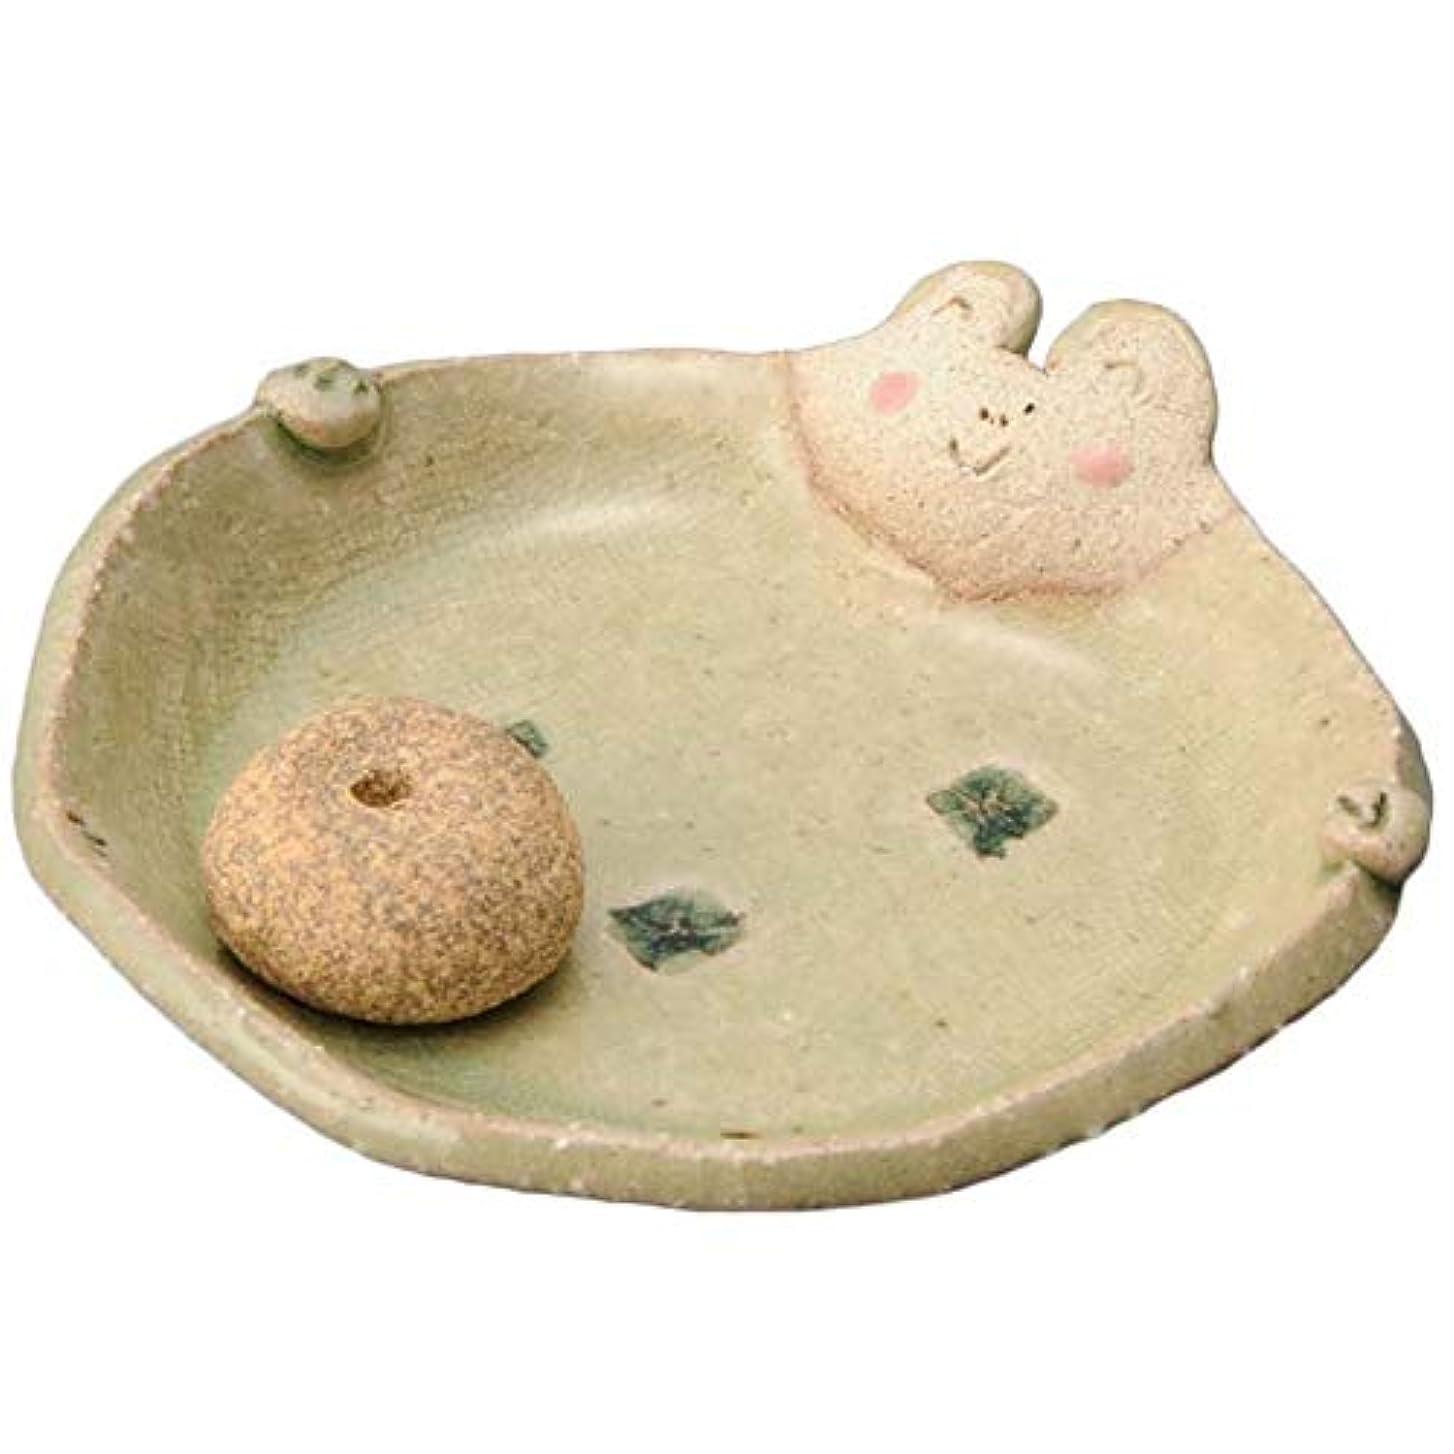 モールコンパニオンジャケット手造り 香皿 香立て/ふっくら 香皿(カエル) /香り アロマ 癒やし リラックス インテリア プレゼント 贈り物